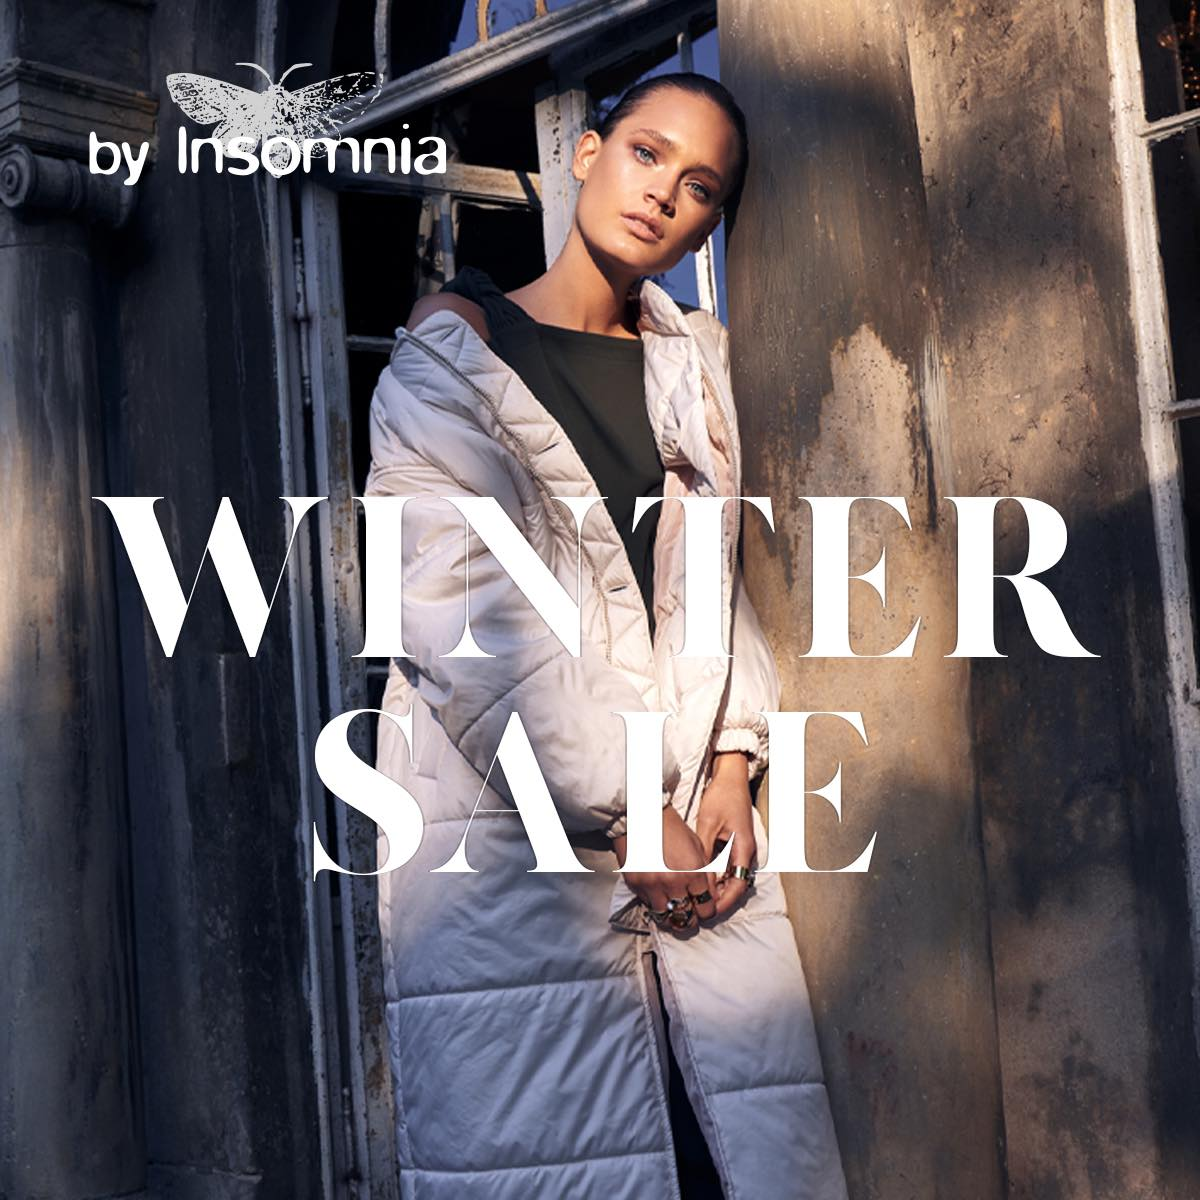 By Insomnia: zimowa wyprzedaż do 40% zniżki na modną odzież damską